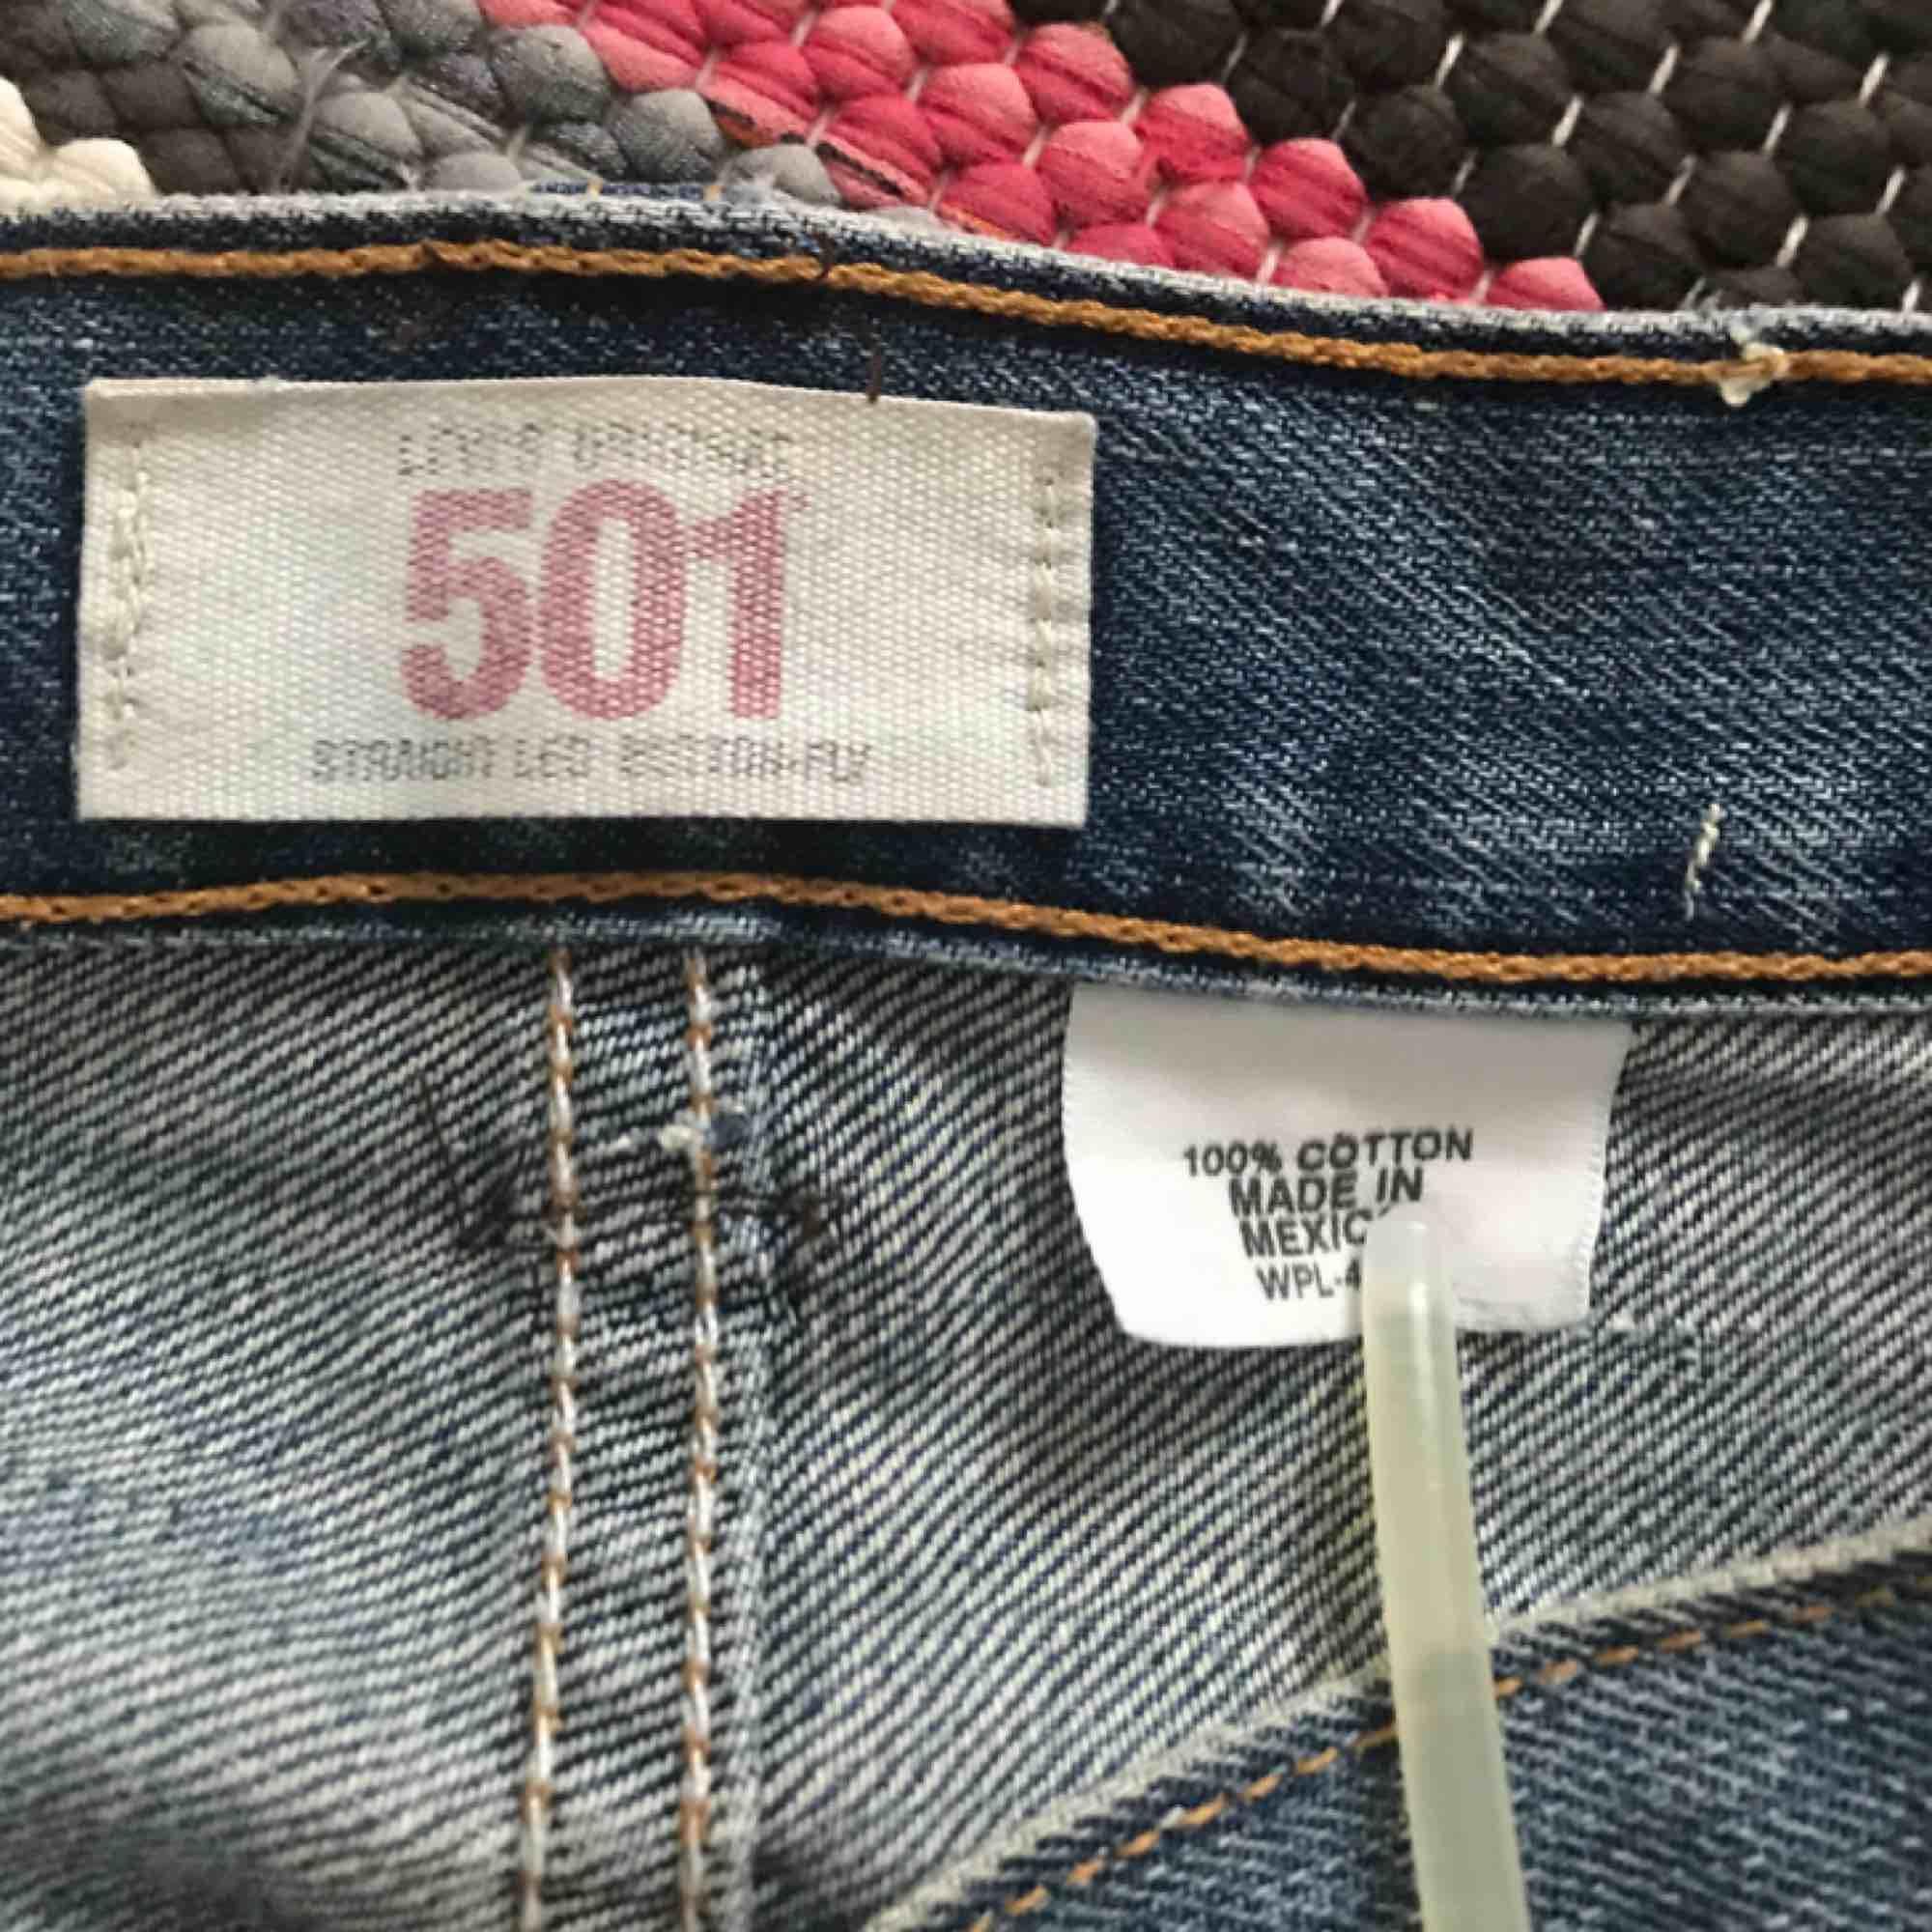 Jättefina hipster Levi's jeans från sent 90-tal ⏮ Passar till allt, essentiella 👼🏼 De är storlek L men kan passa storlek M ✨ De är lite slitna vid en knapp och benslutet, men det tycker jag är fint med vintage looken 🐚. Jeans & Byxor.